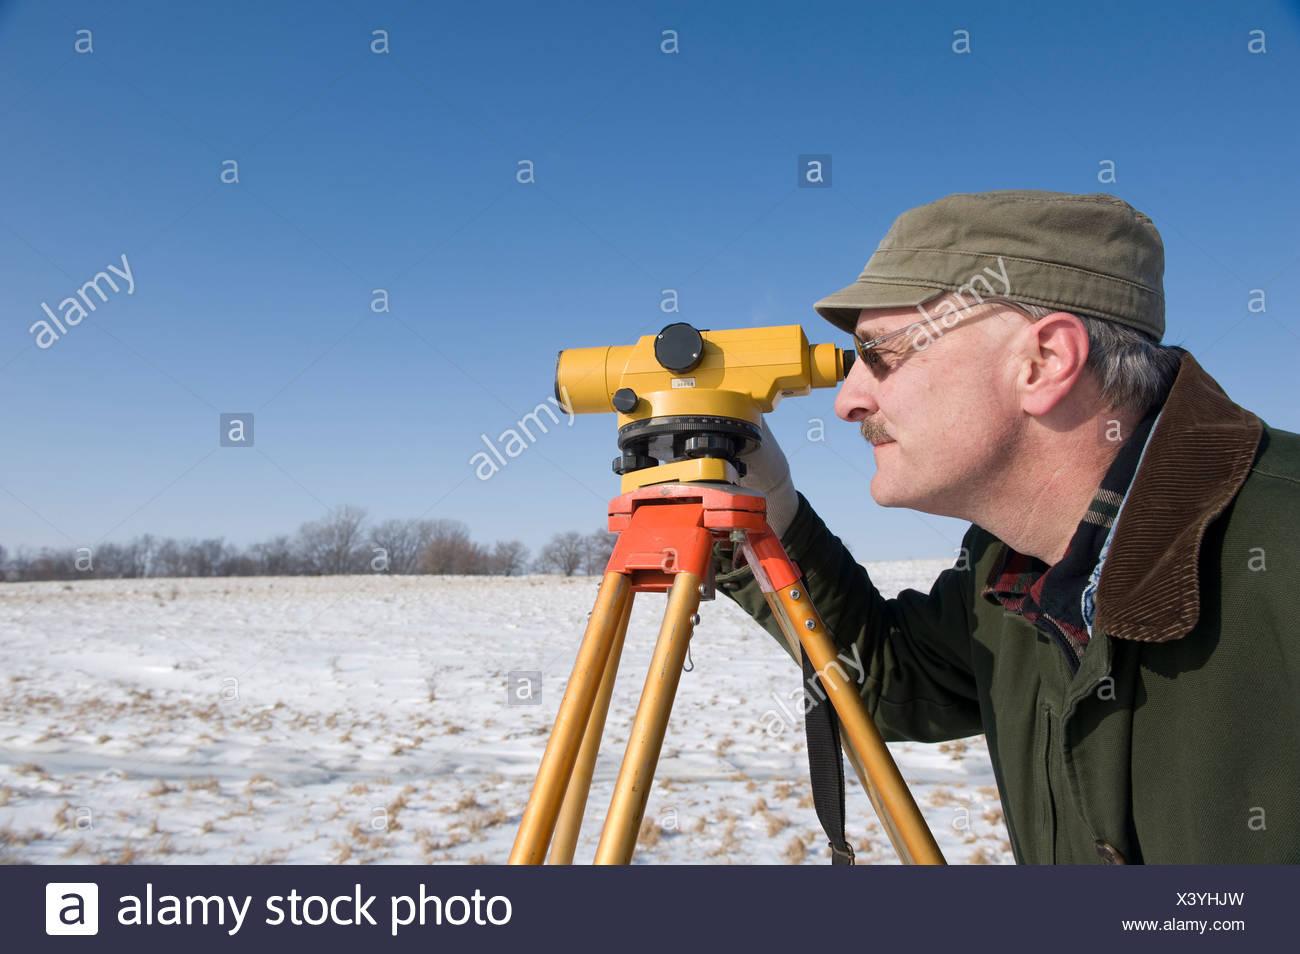 A man surveys a farm near Dunbar, Nebraska. Stock Photo